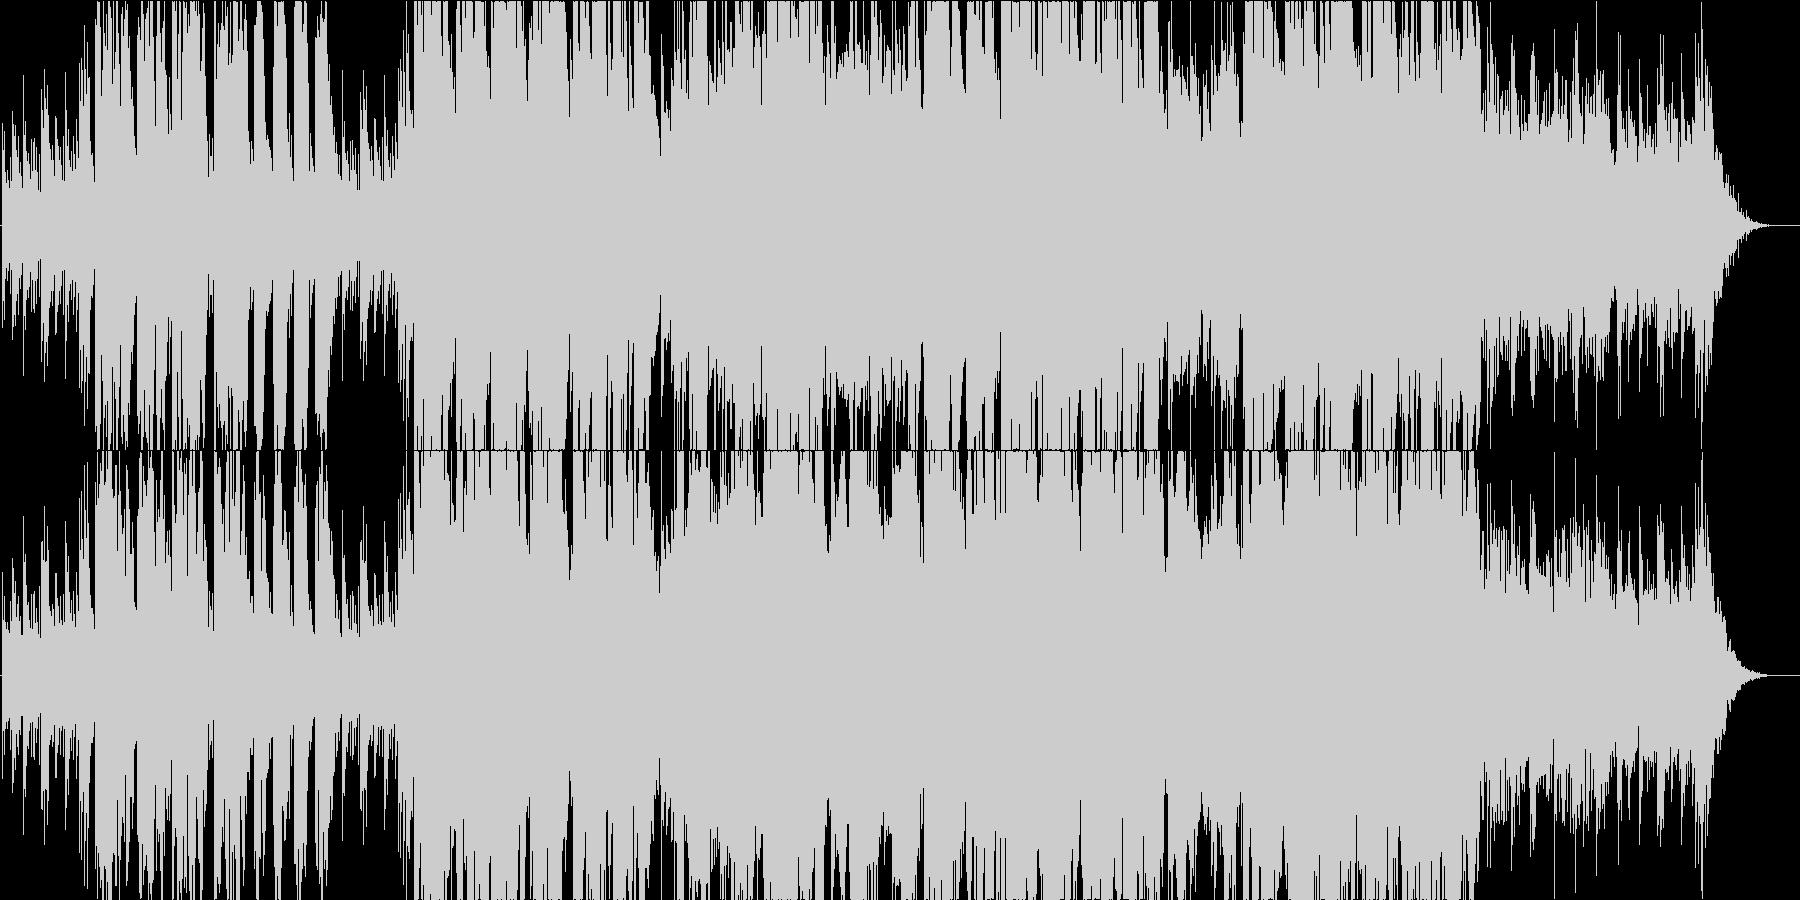 優しい旋律が包み込むフォークバラードの未再生の波形